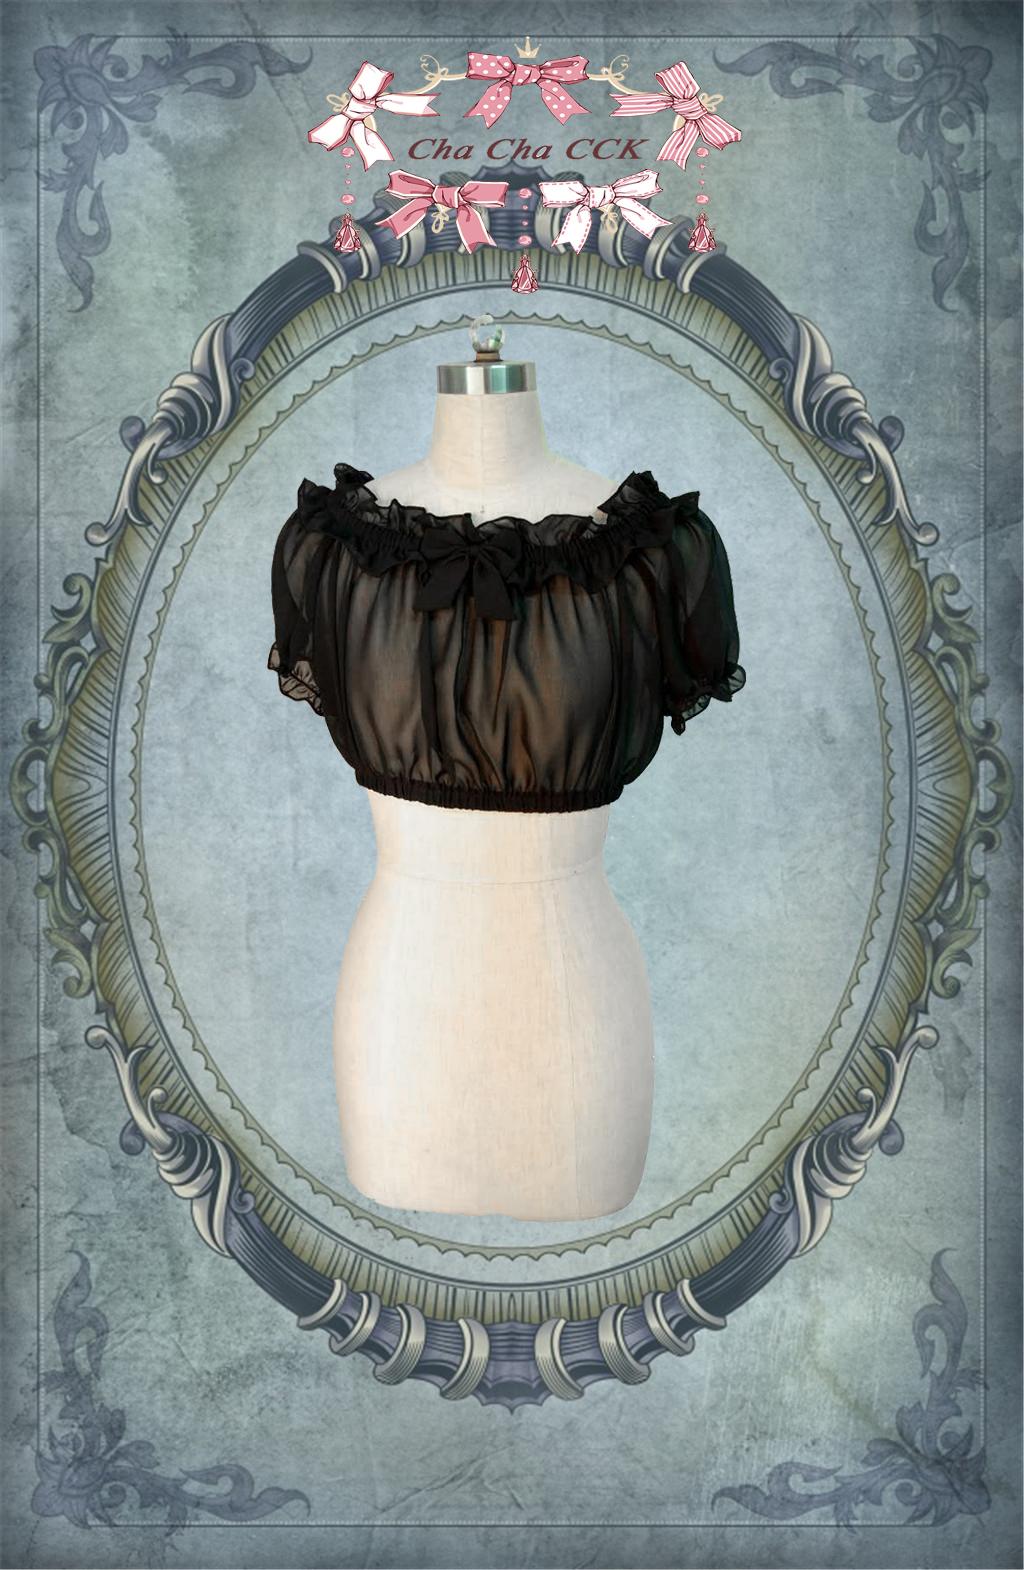 Последние прохладном взрывов в лето 2017 lolita2WAY небольшой груди грудь завернутый шифон воланами, положить продажи